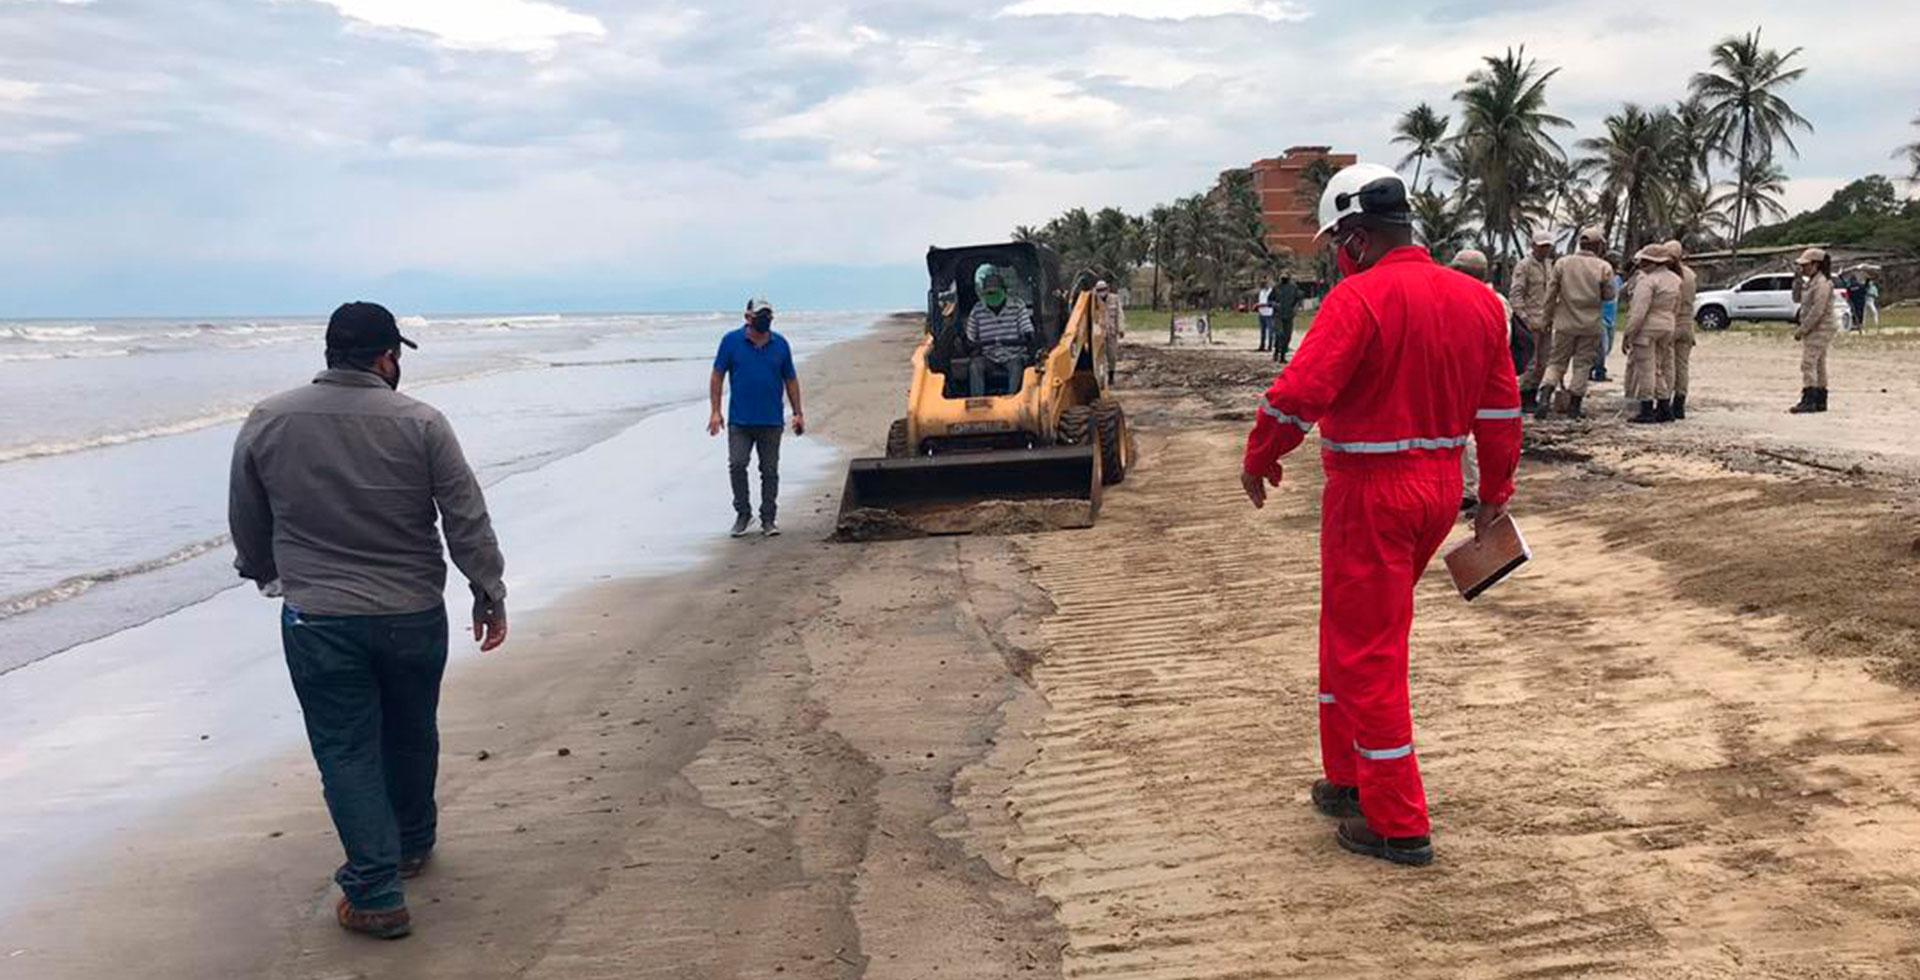 Clima21 exige al Estado venezolano acciones para mitigar el impacto del derrame petrolero en Falcón